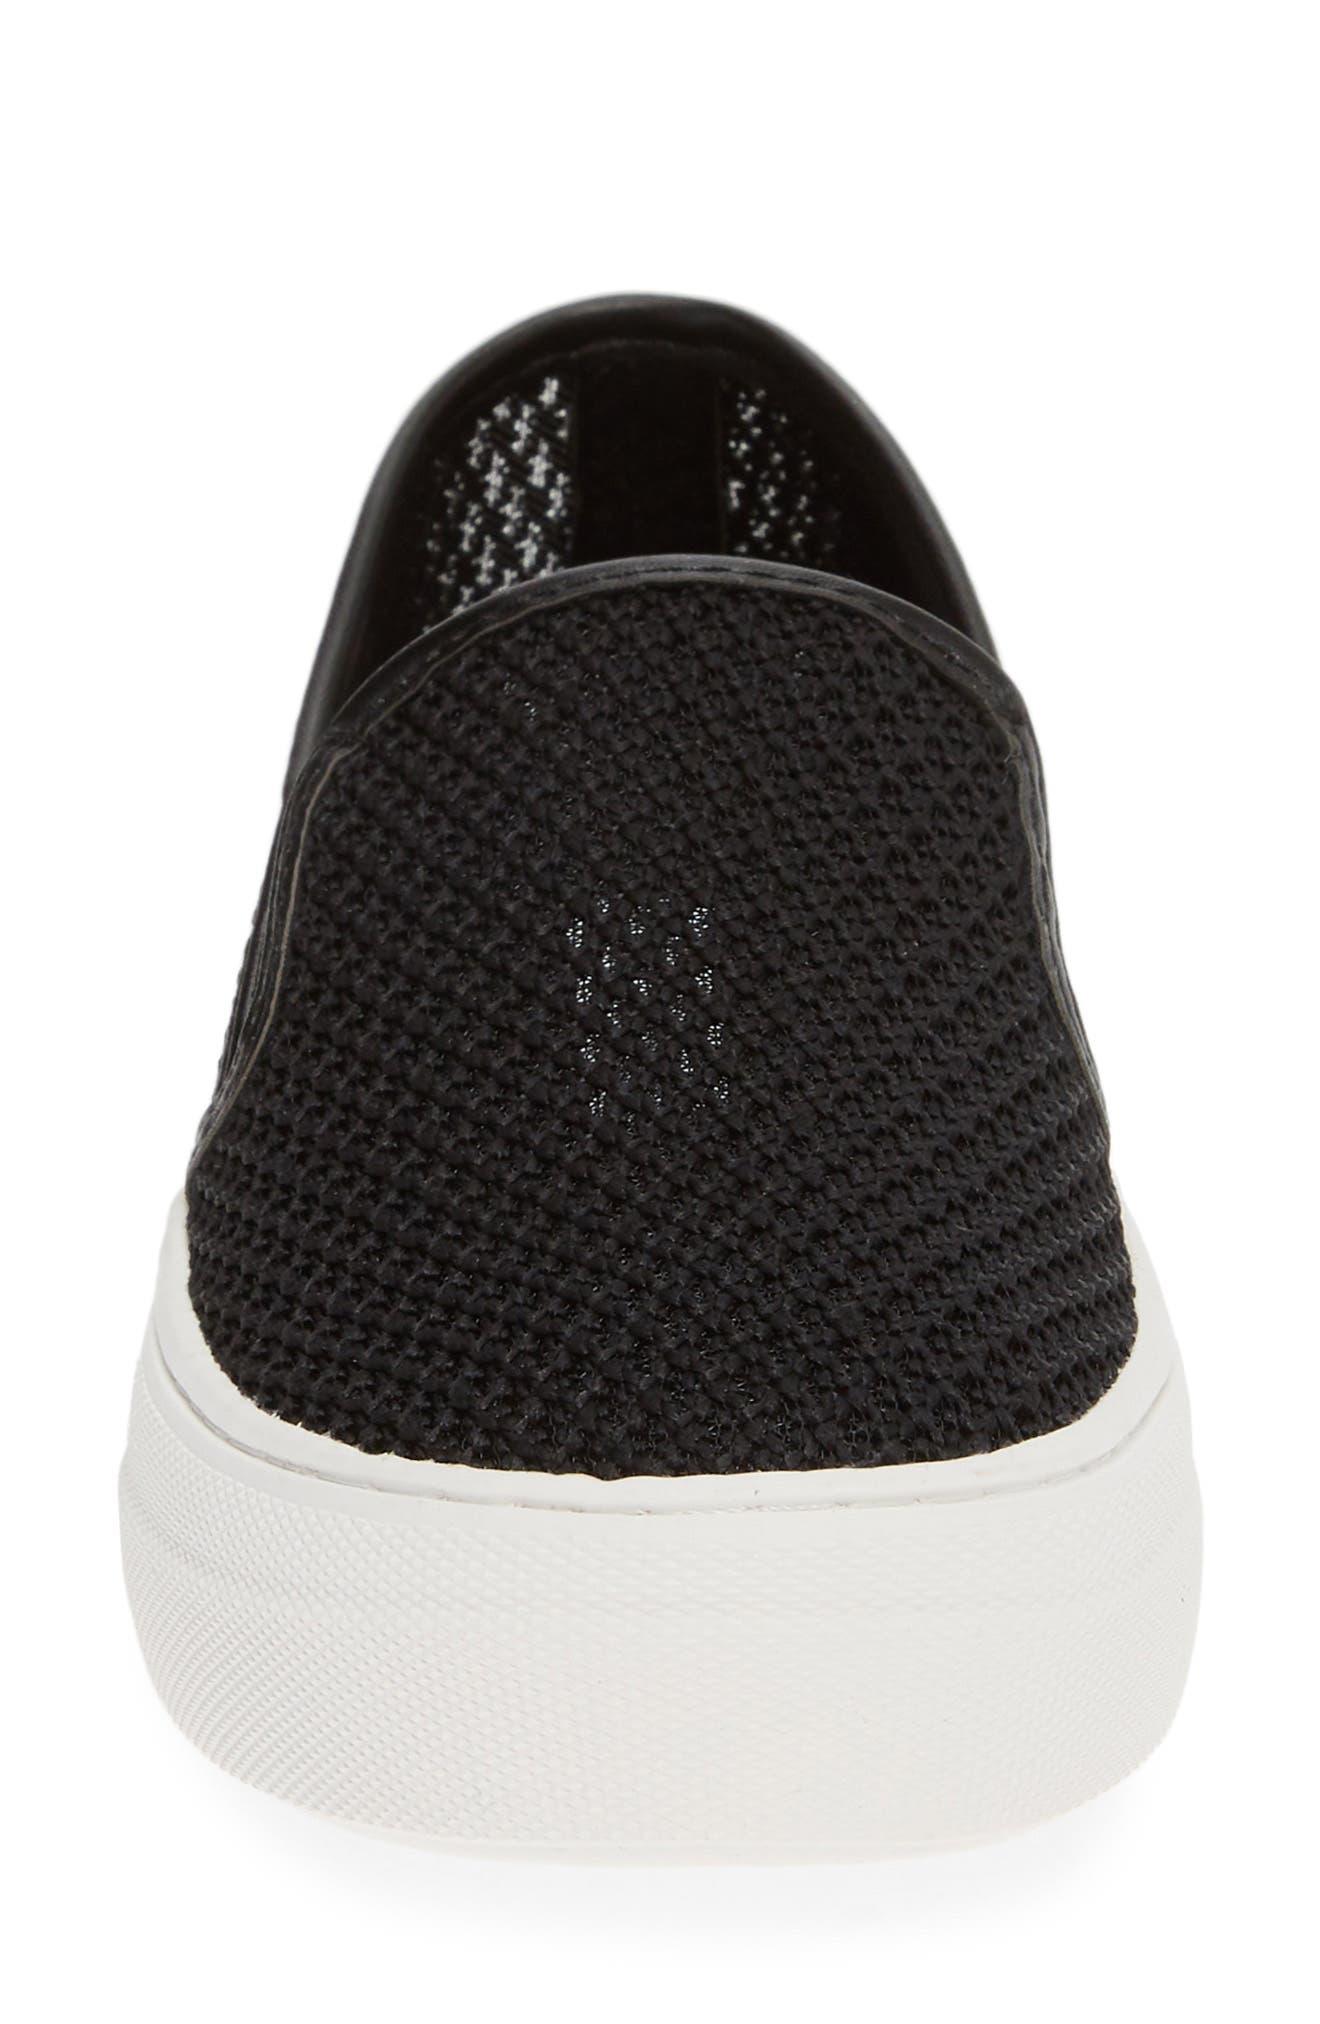 STEVE MADDEN, Gills-M Mesh Slip-On Sneaker, Alternate thumbnail 4, color, BLACK